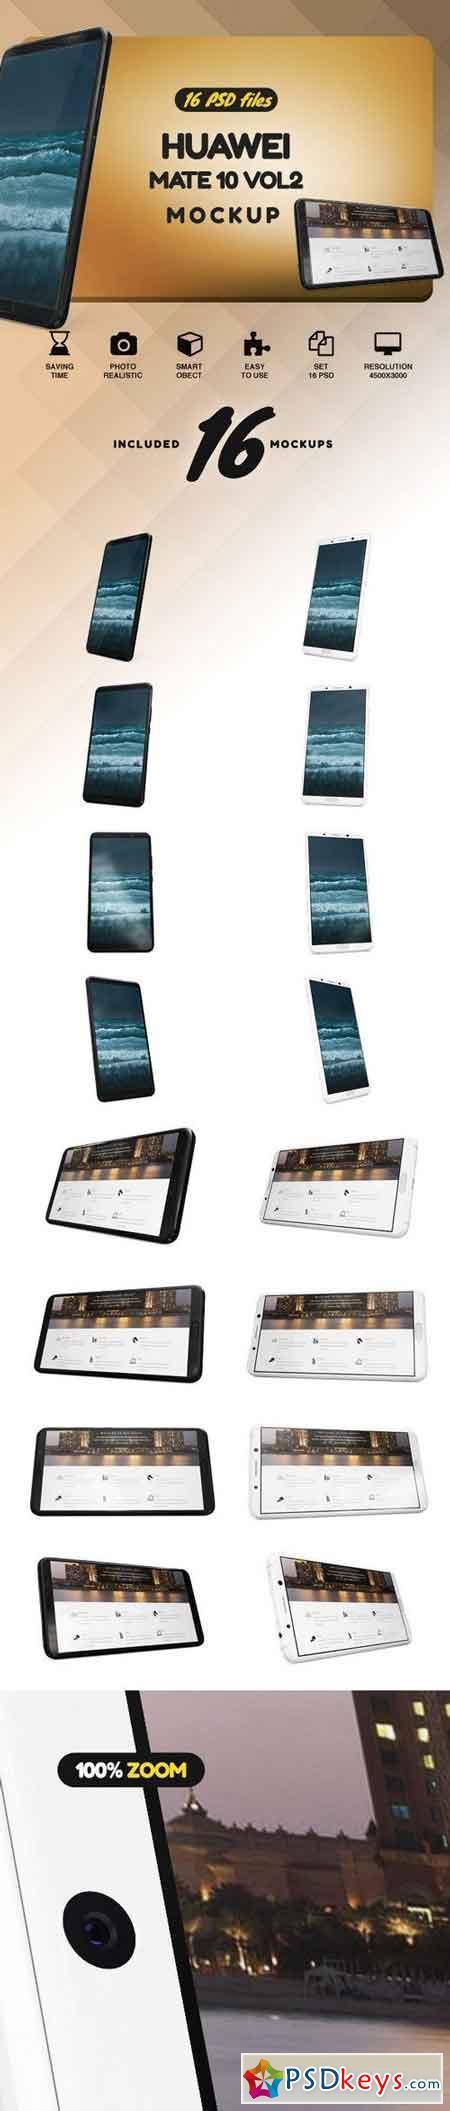 Huawei Mate 10 Vol.2 Mockup 2142308